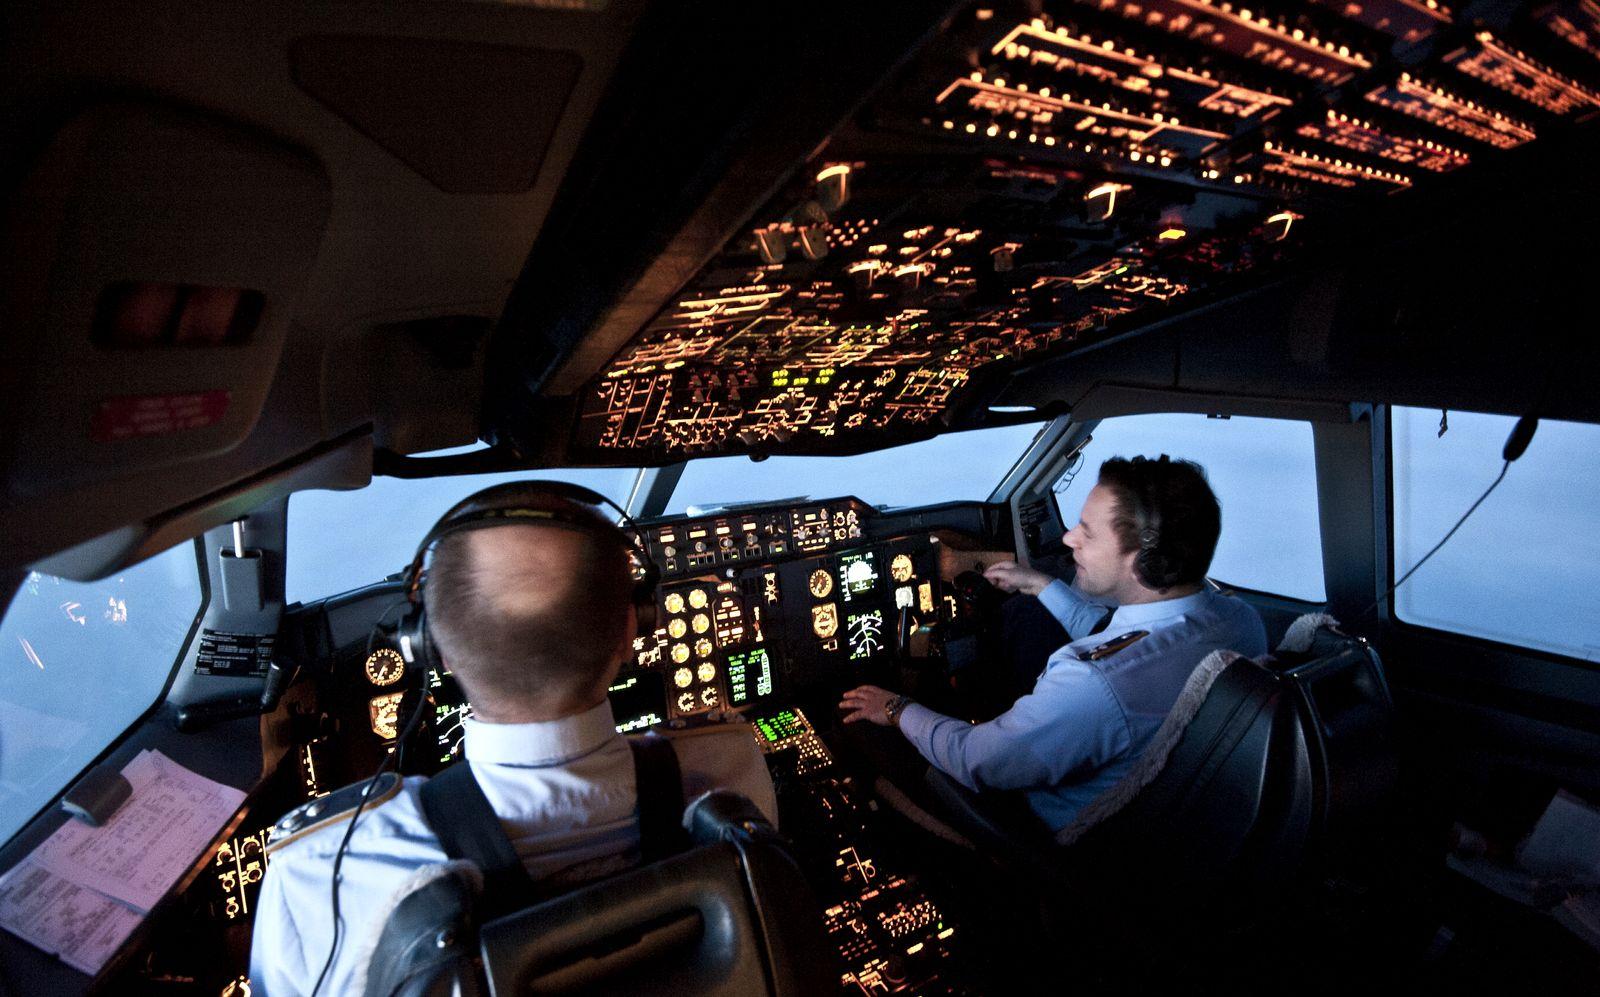 NICHT VERWENDEN KEIN SYMBOLBILD Cockpit / Airbus A310